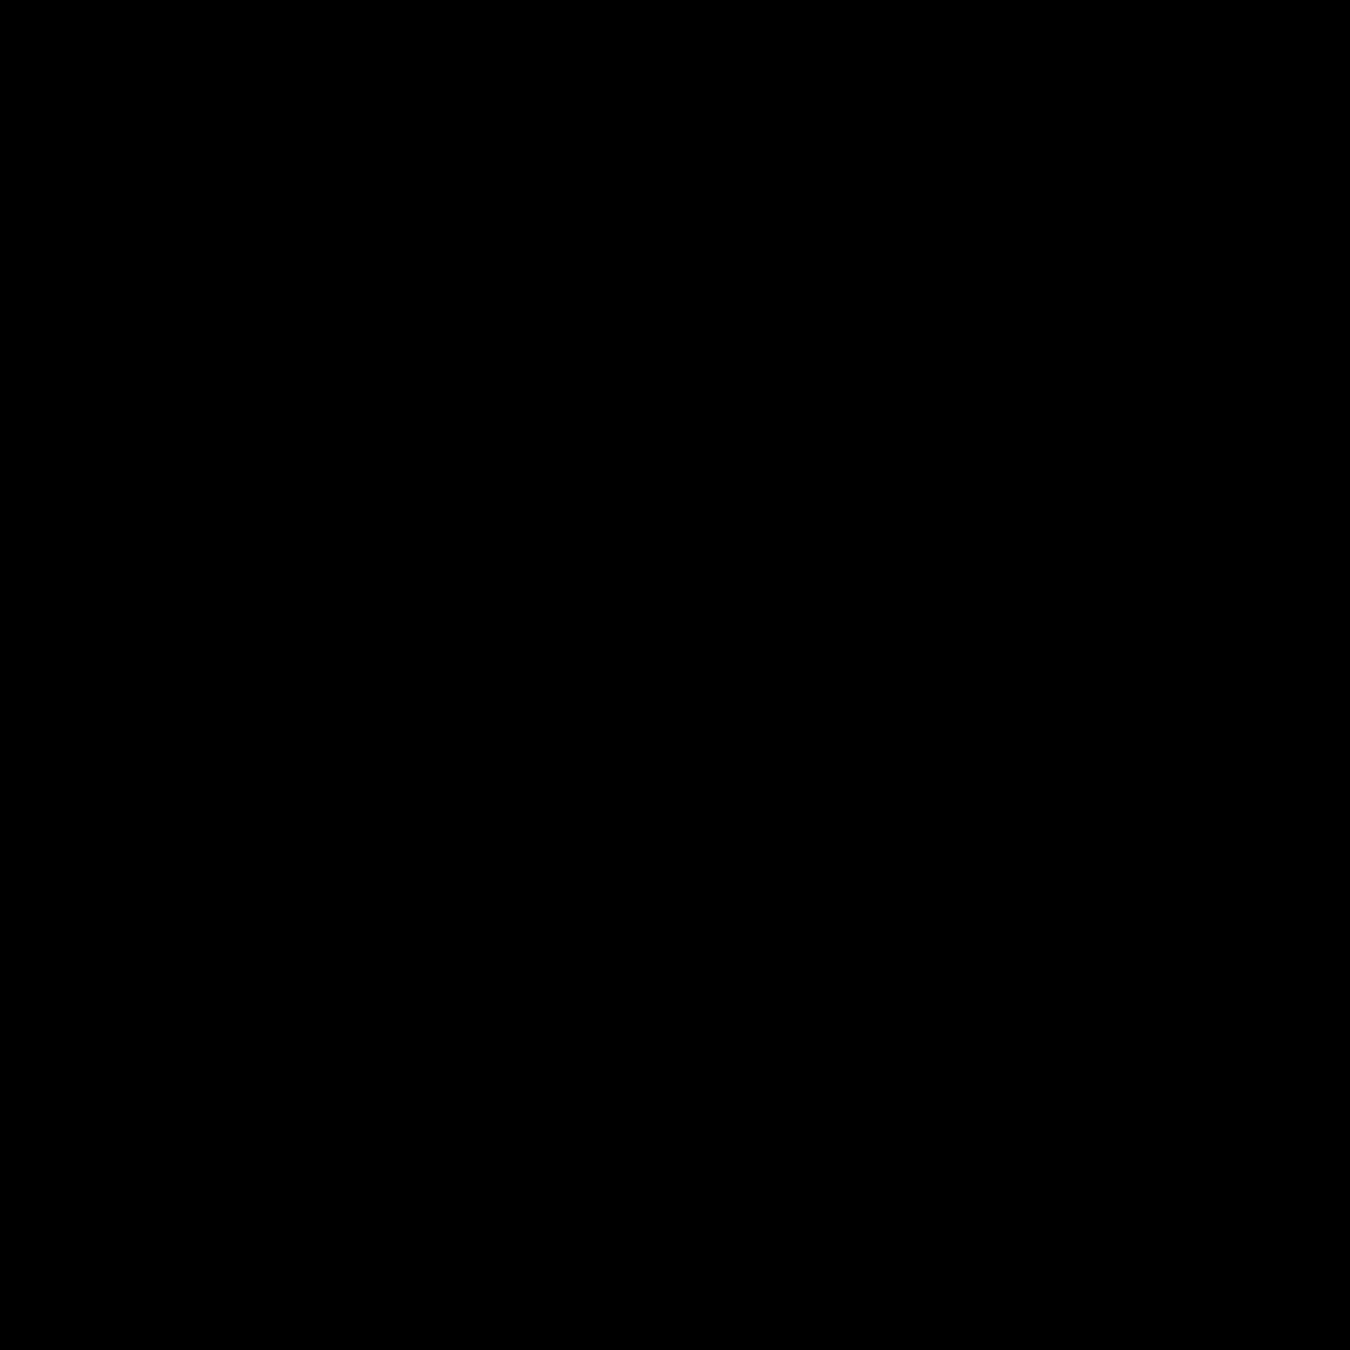 Малый набор образцов текстурного латекса